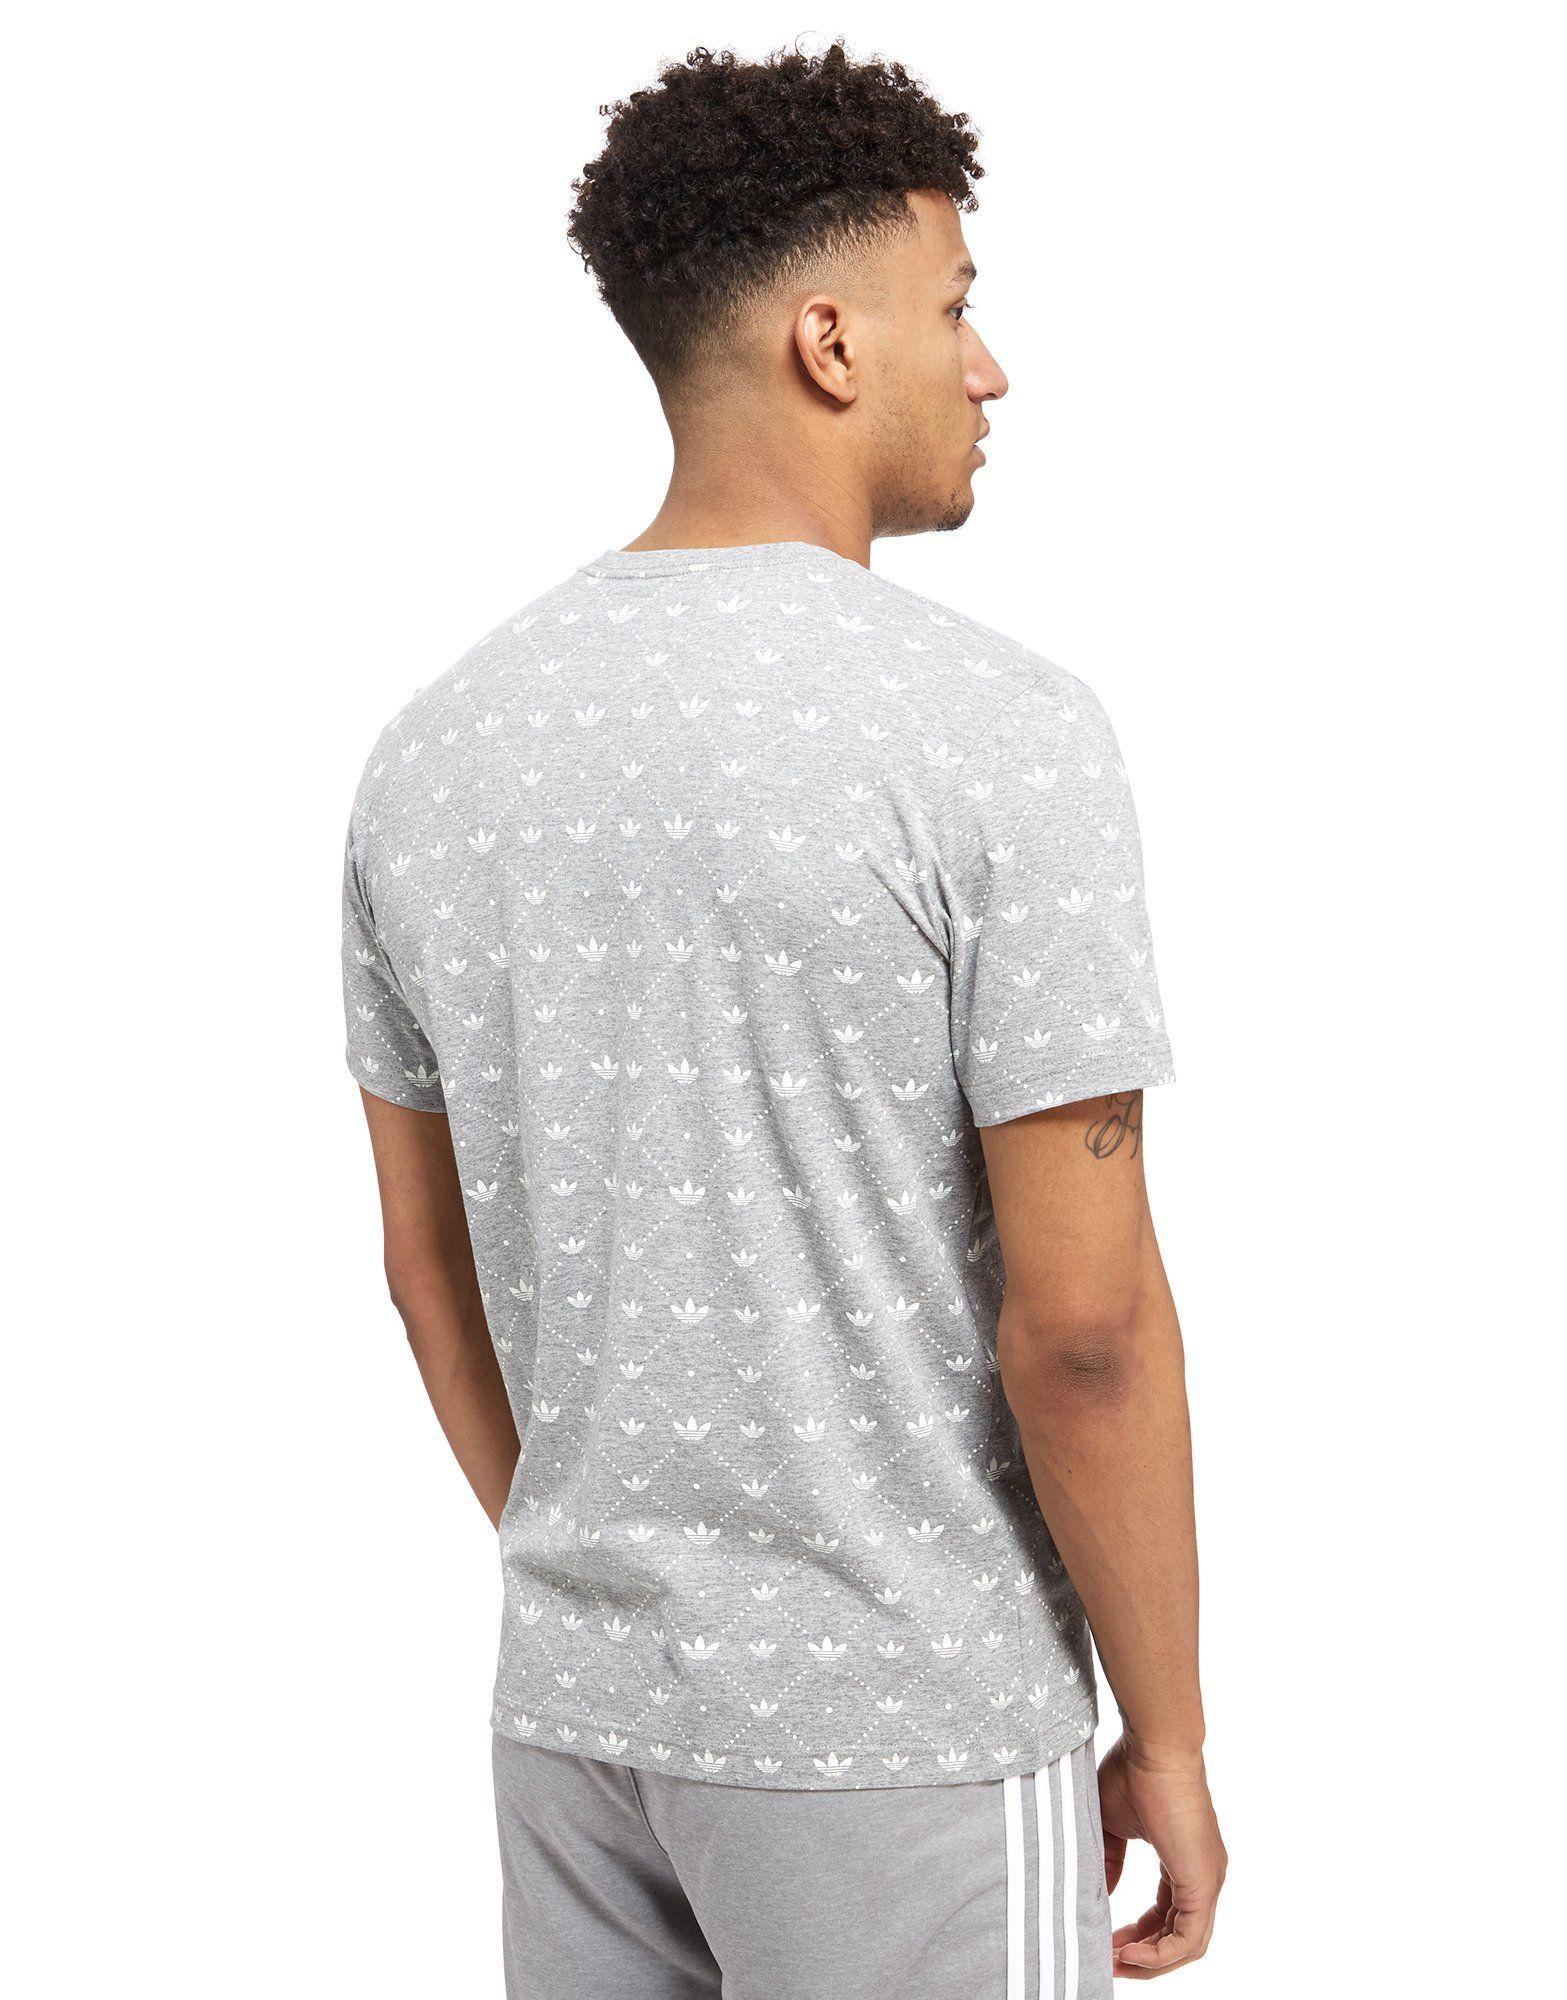 Boyss adidas originali trifoglio tutto stampare t - shirt.